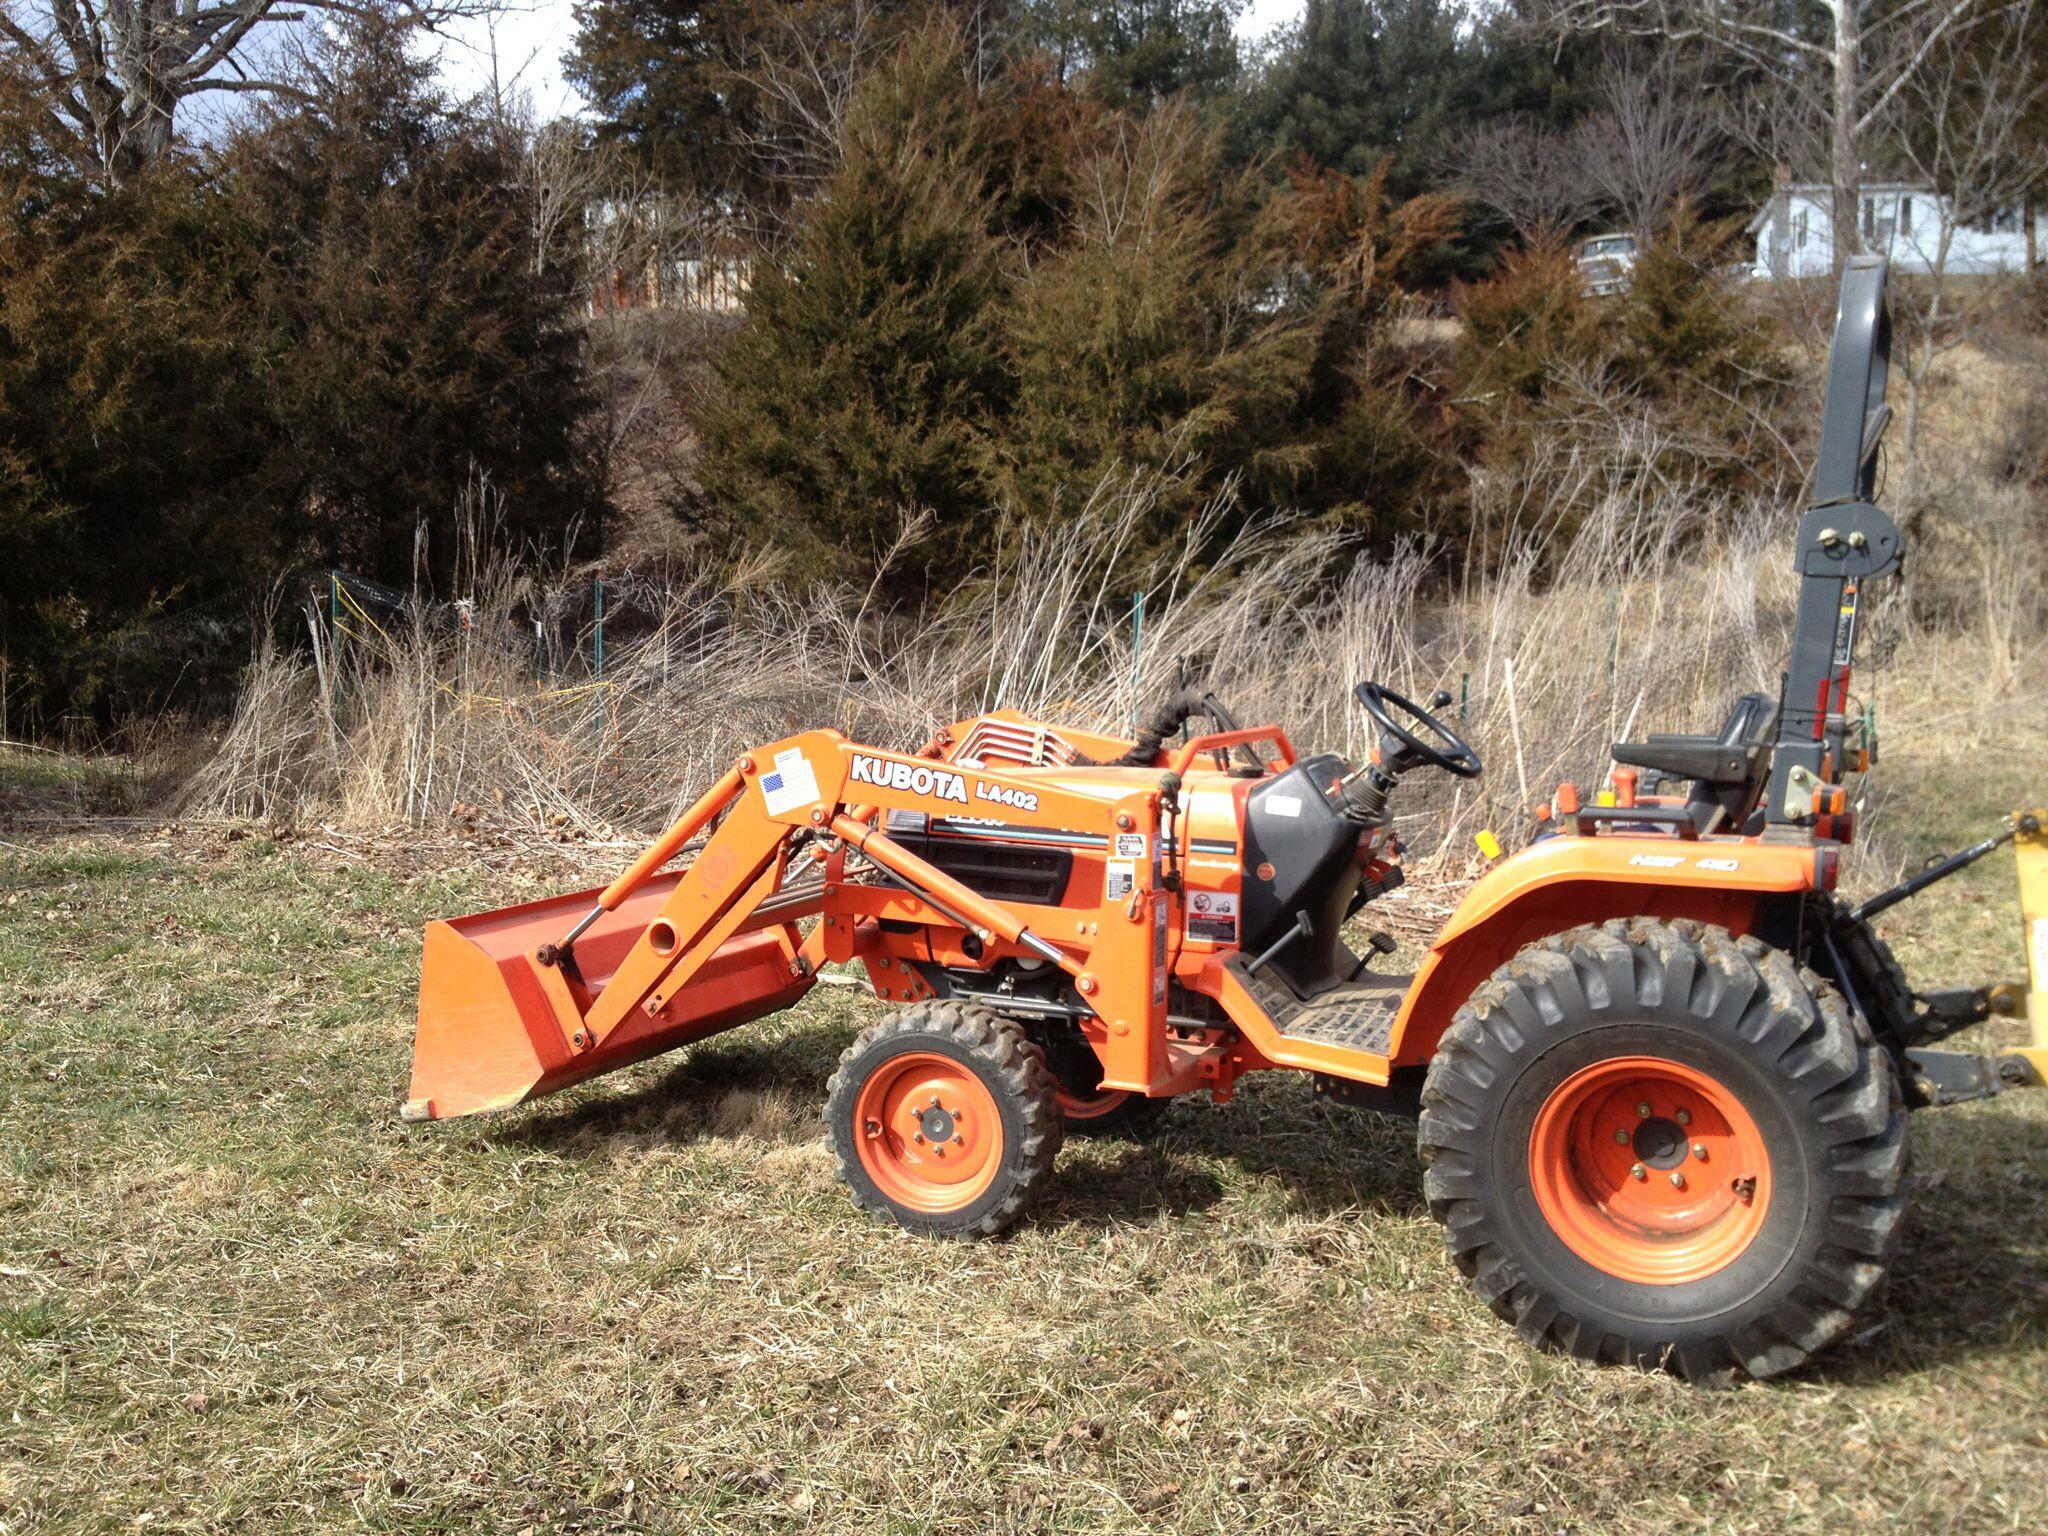 Kubota   Tractors   Pinterest   Tractor, Kubota tractors and Atv